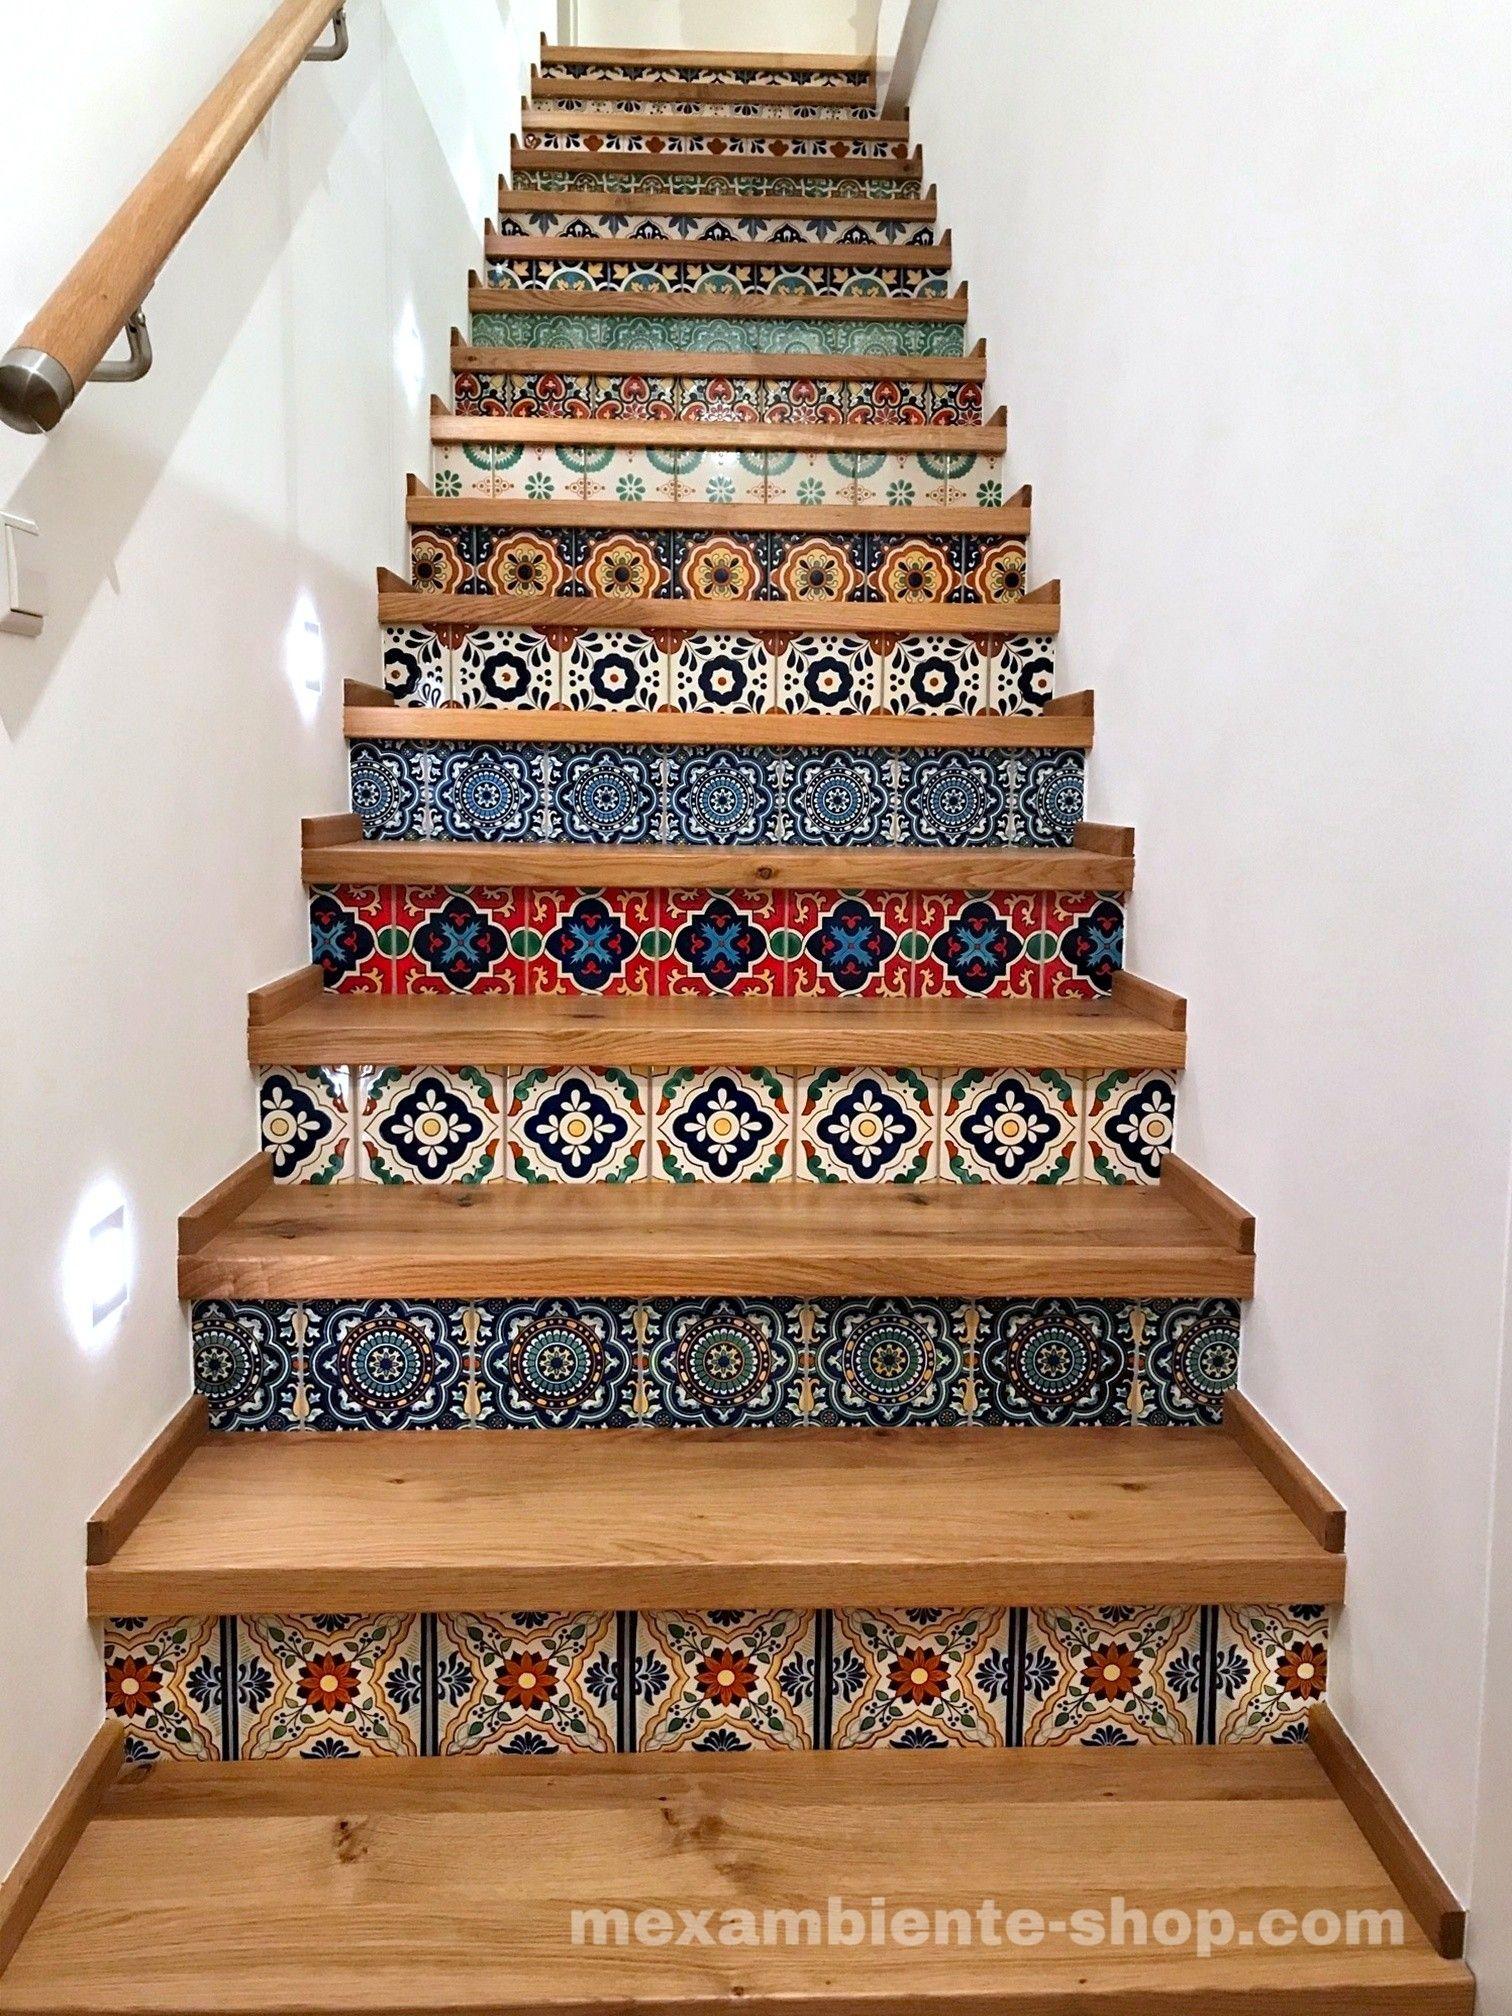 Treppe mit mexikanischen Fliesen (premium)